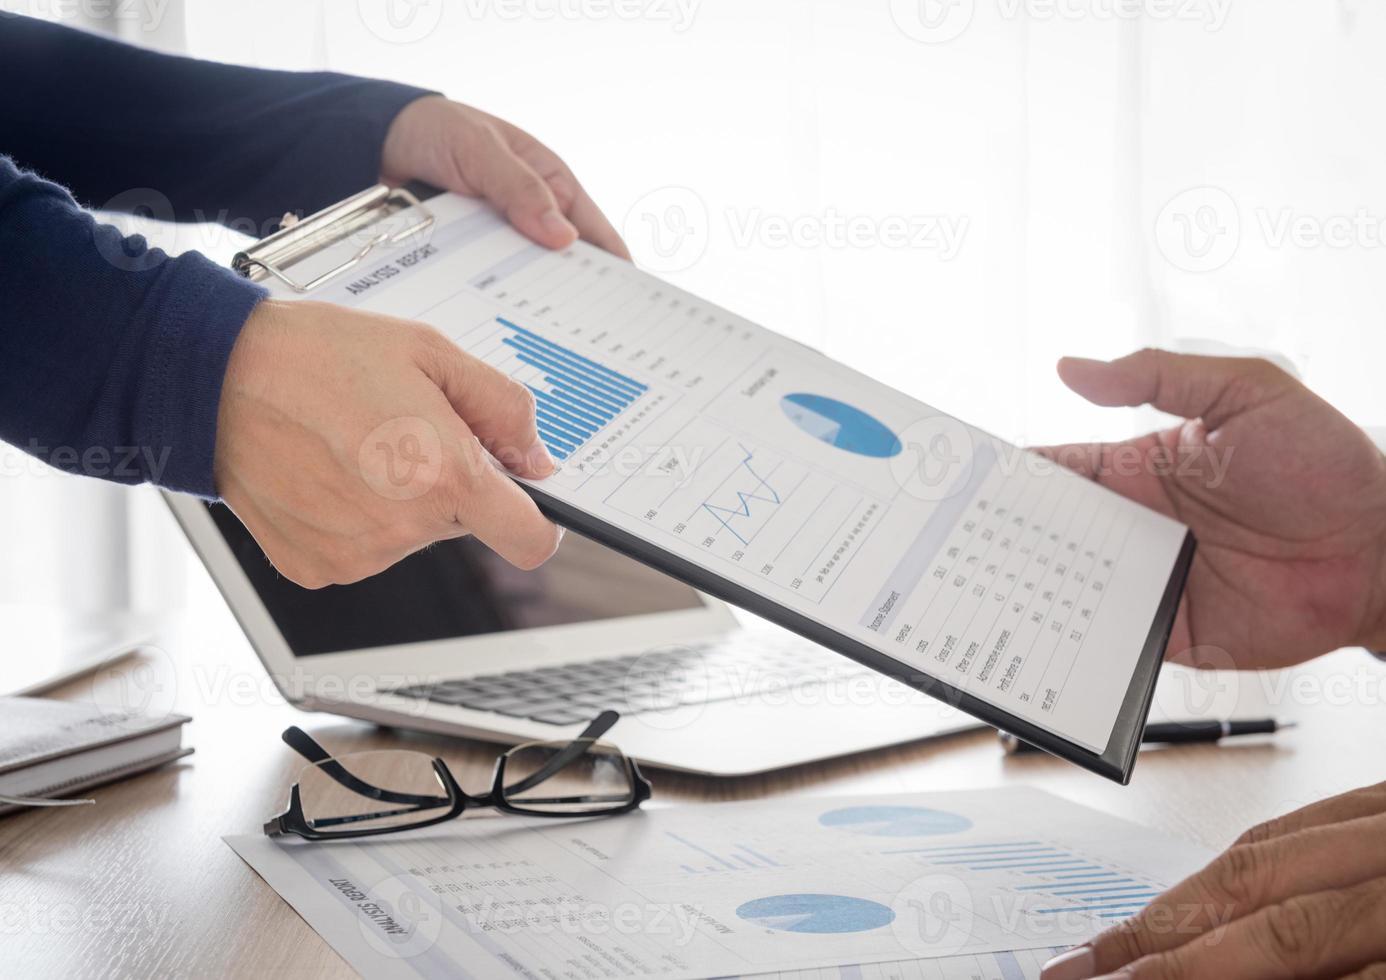 affari e finanza foto